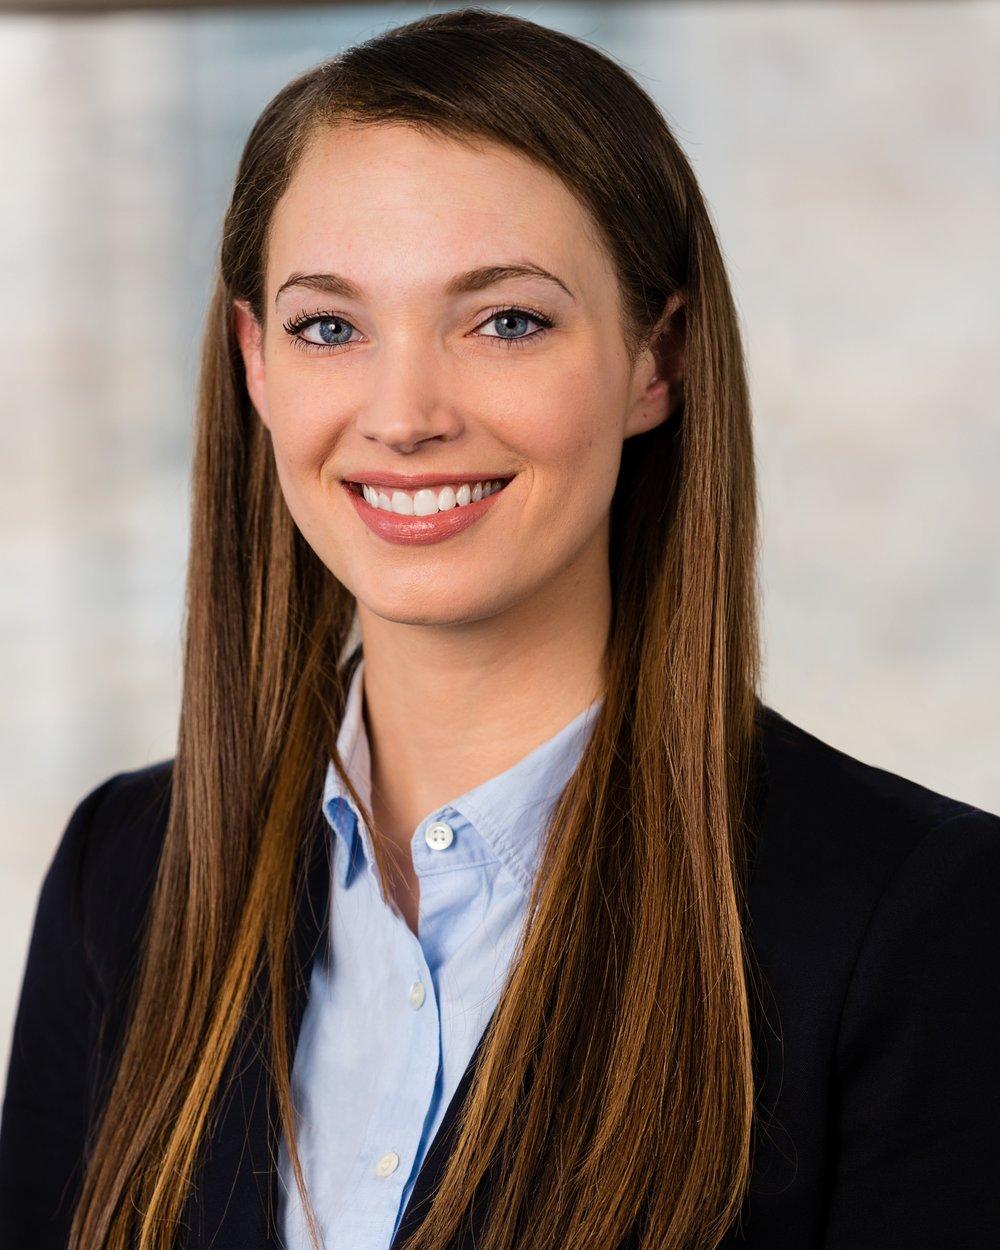 Amanda Pflaum - Manager